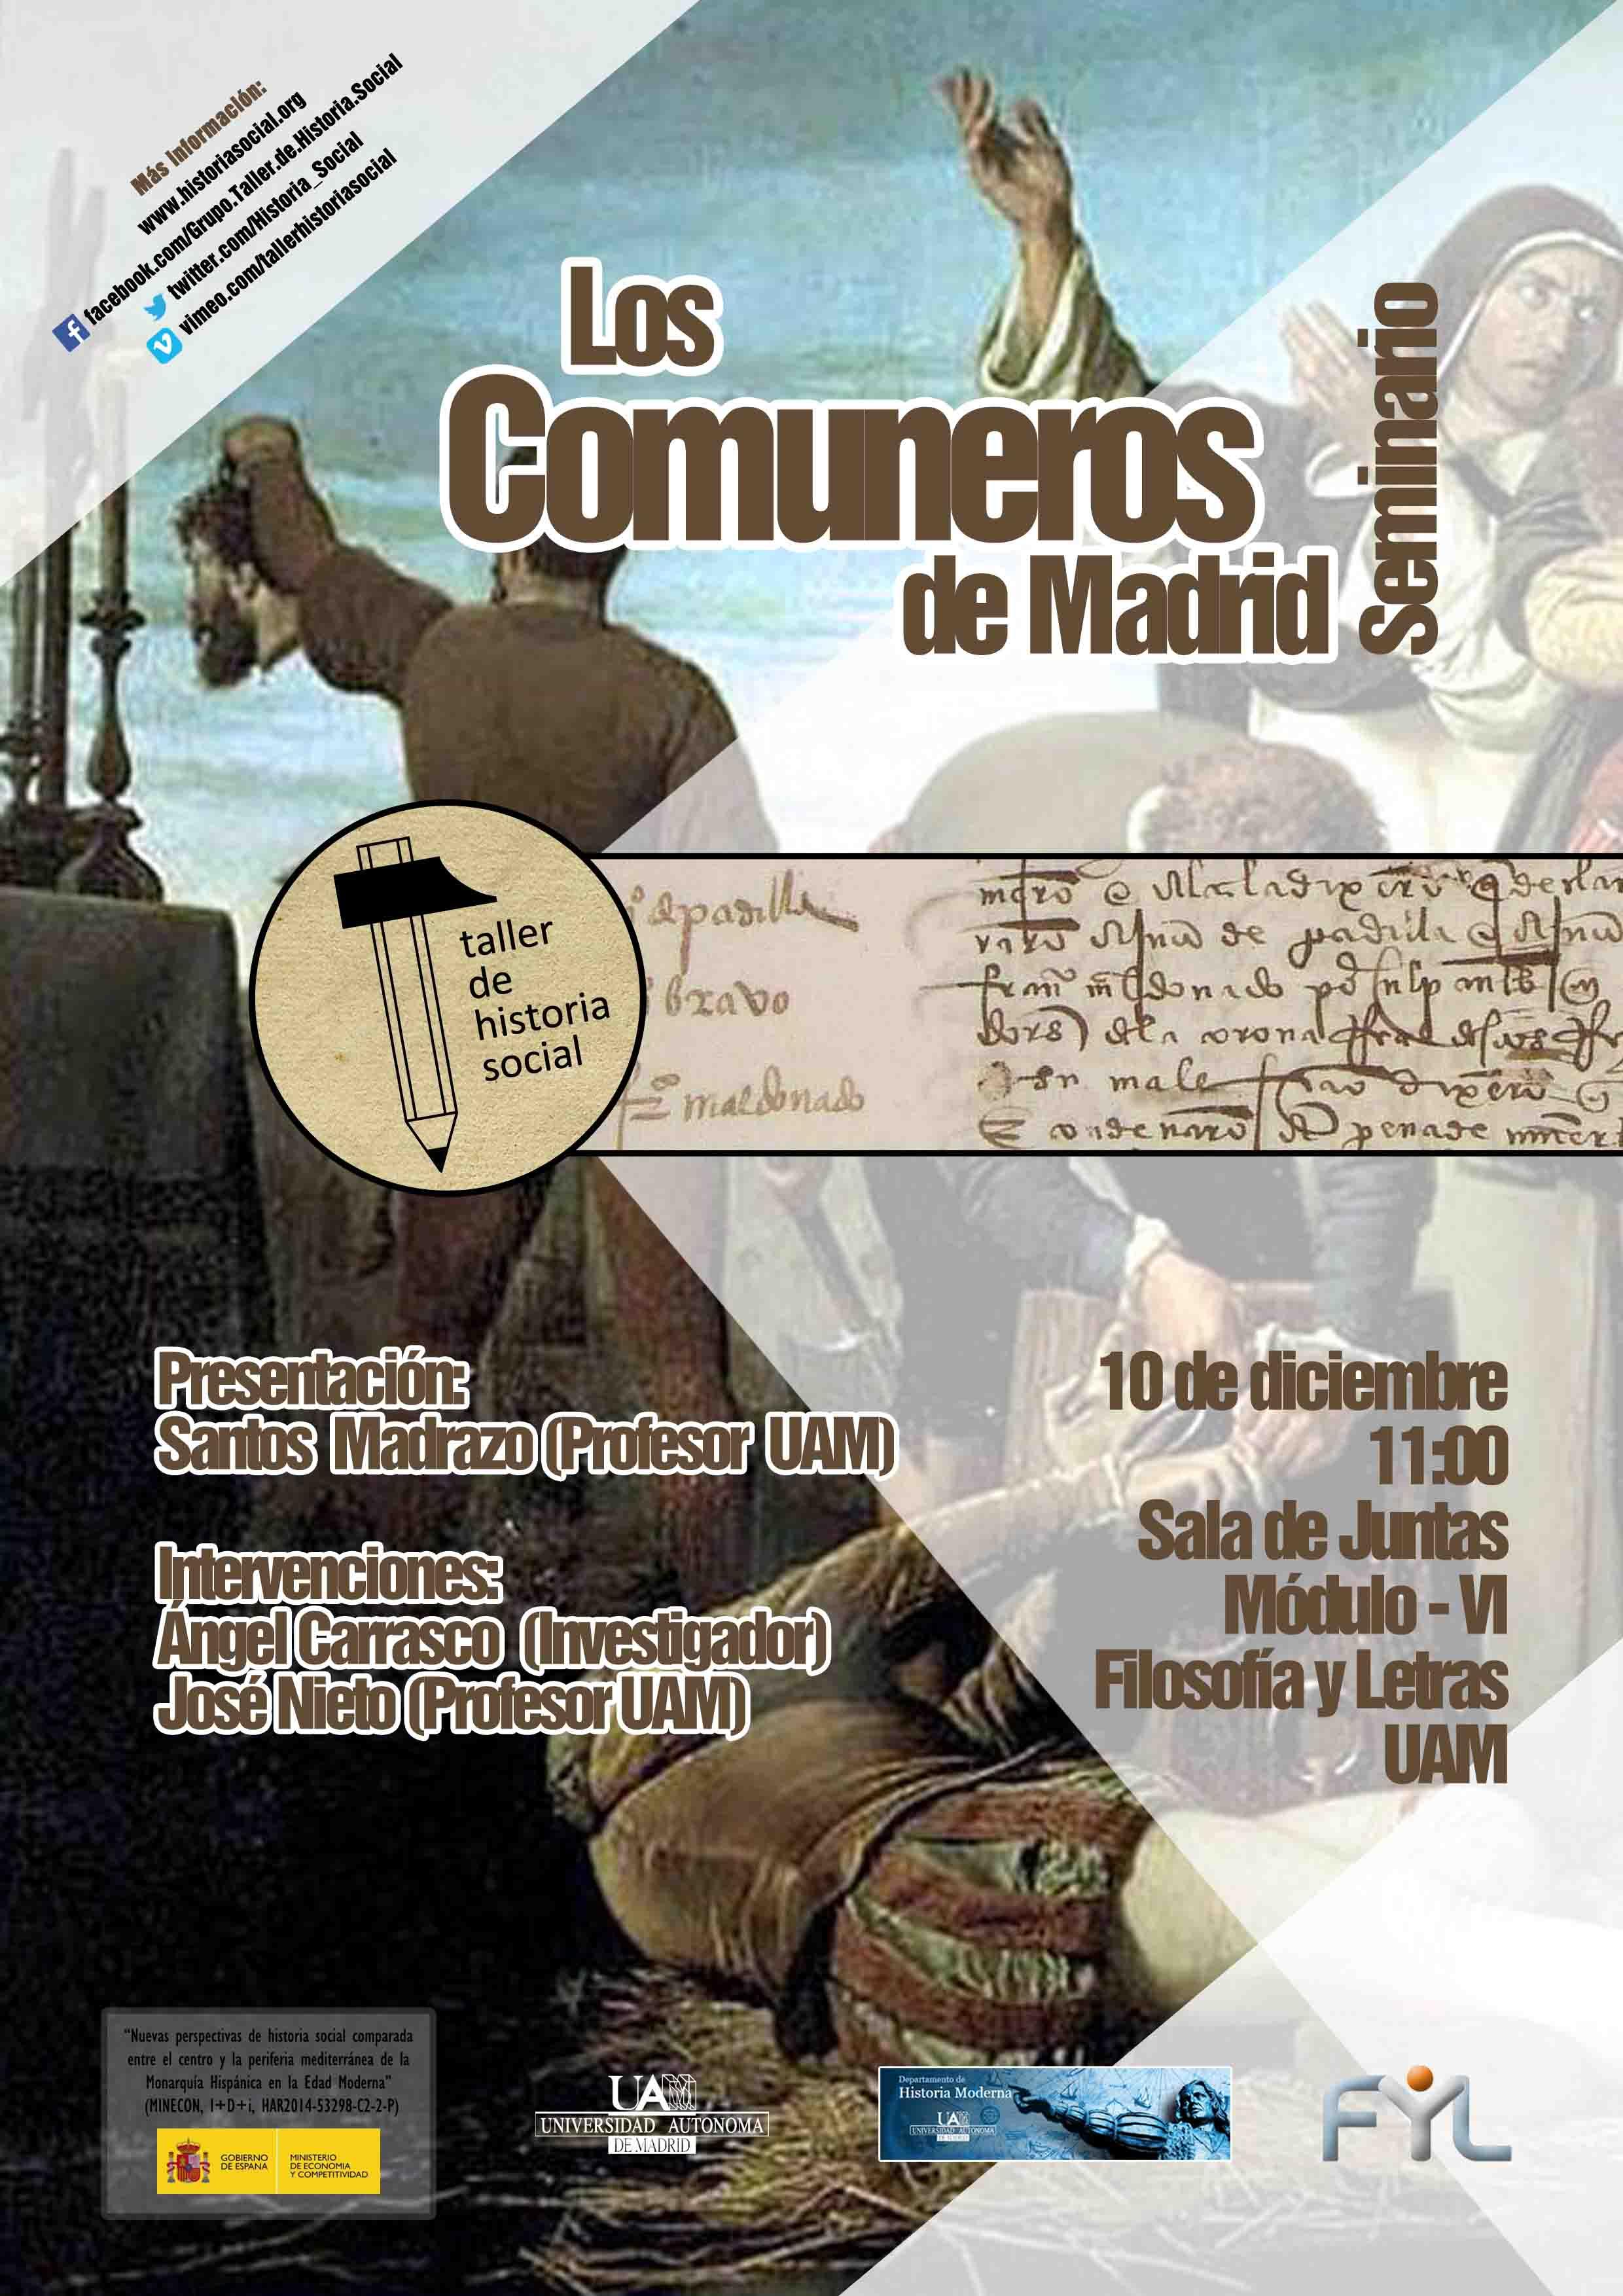 cartel-los-comuneros-de-madrid_web.jpg